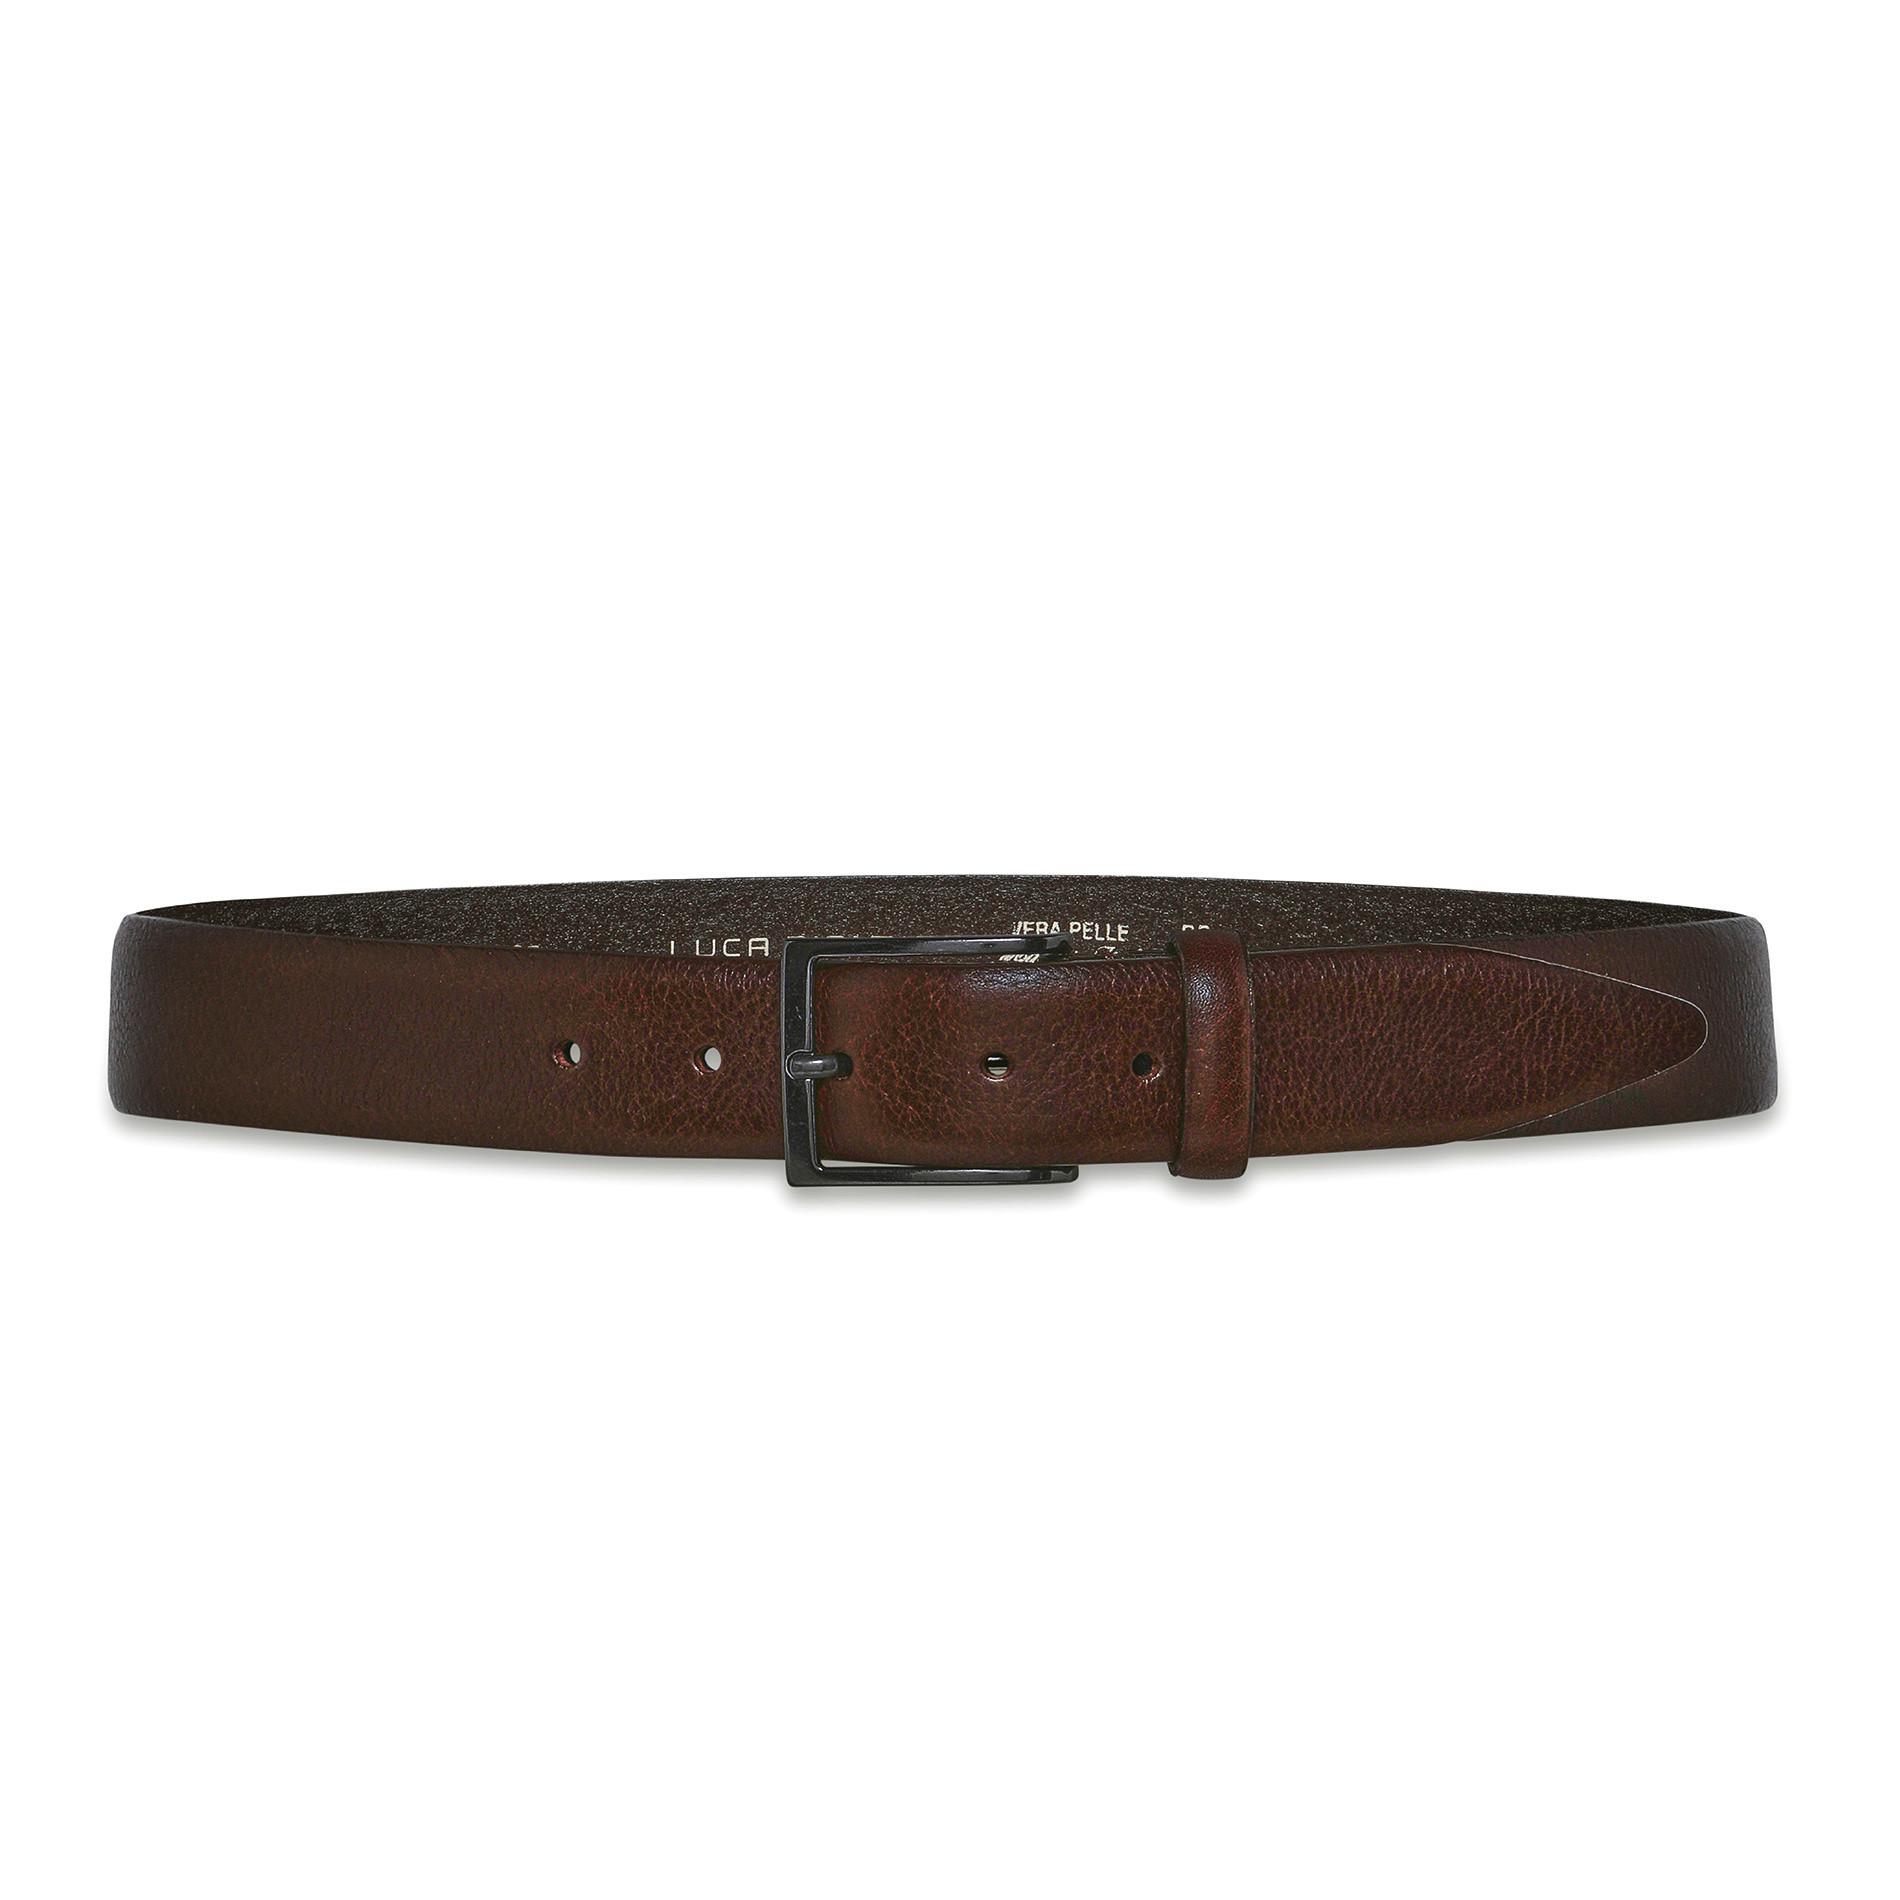 Cintura vera pelle Luca D'Altieri, Marrone scuro, large image number 1